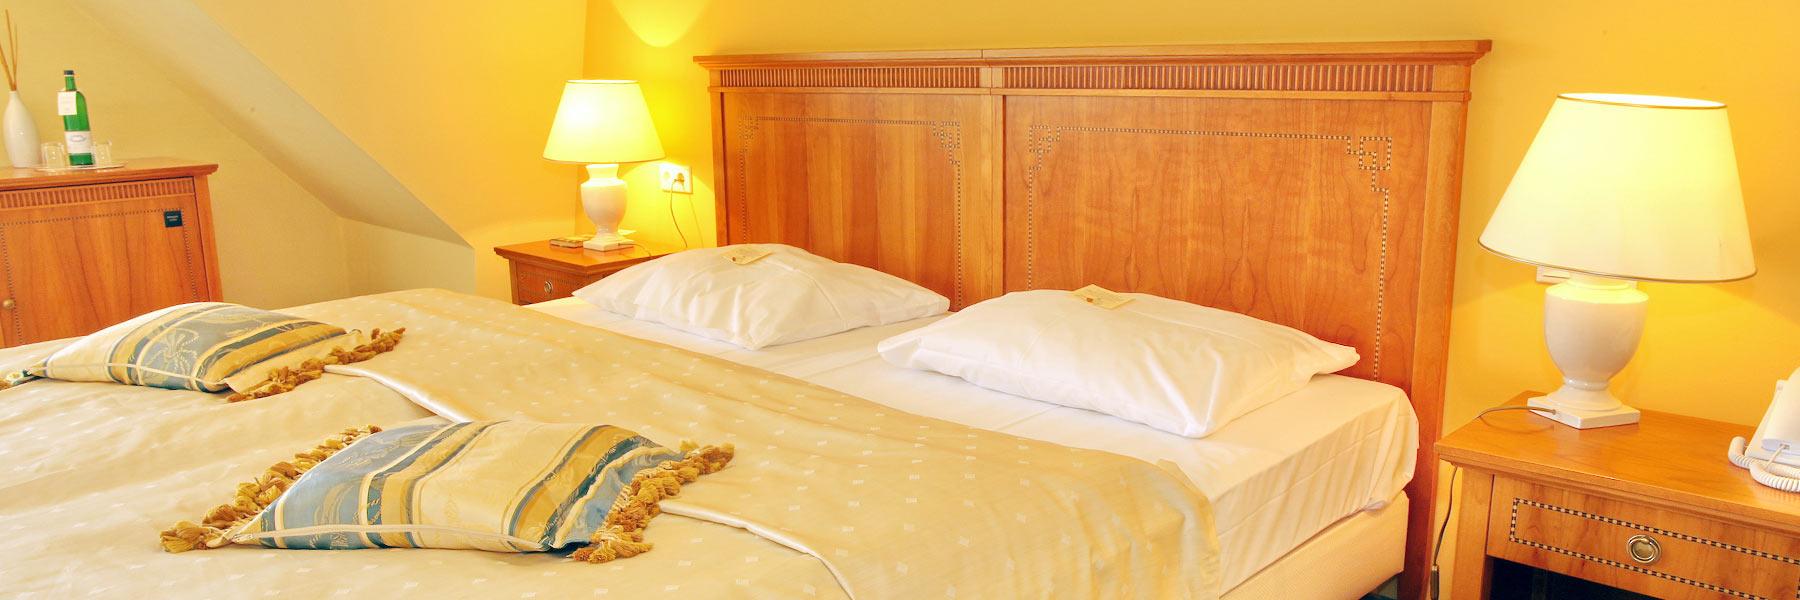 Zimmer - Strandhotel Deichgraf Graal-Müritz